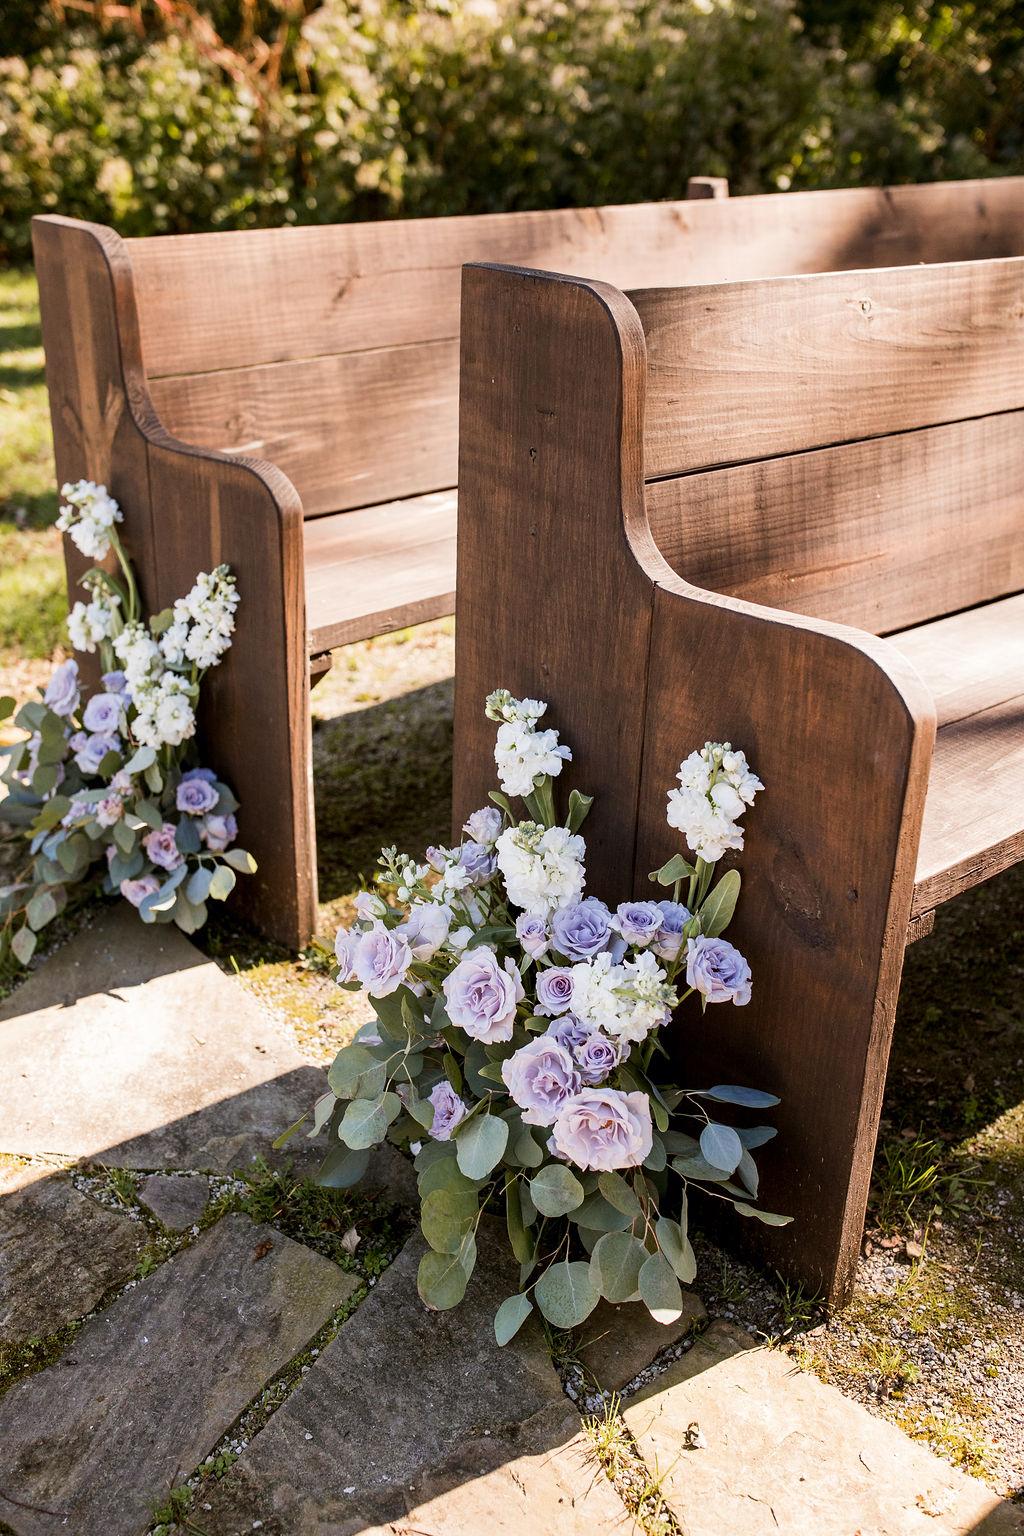 Outdoor wedding ceremony decor | Nashville Bride Guide